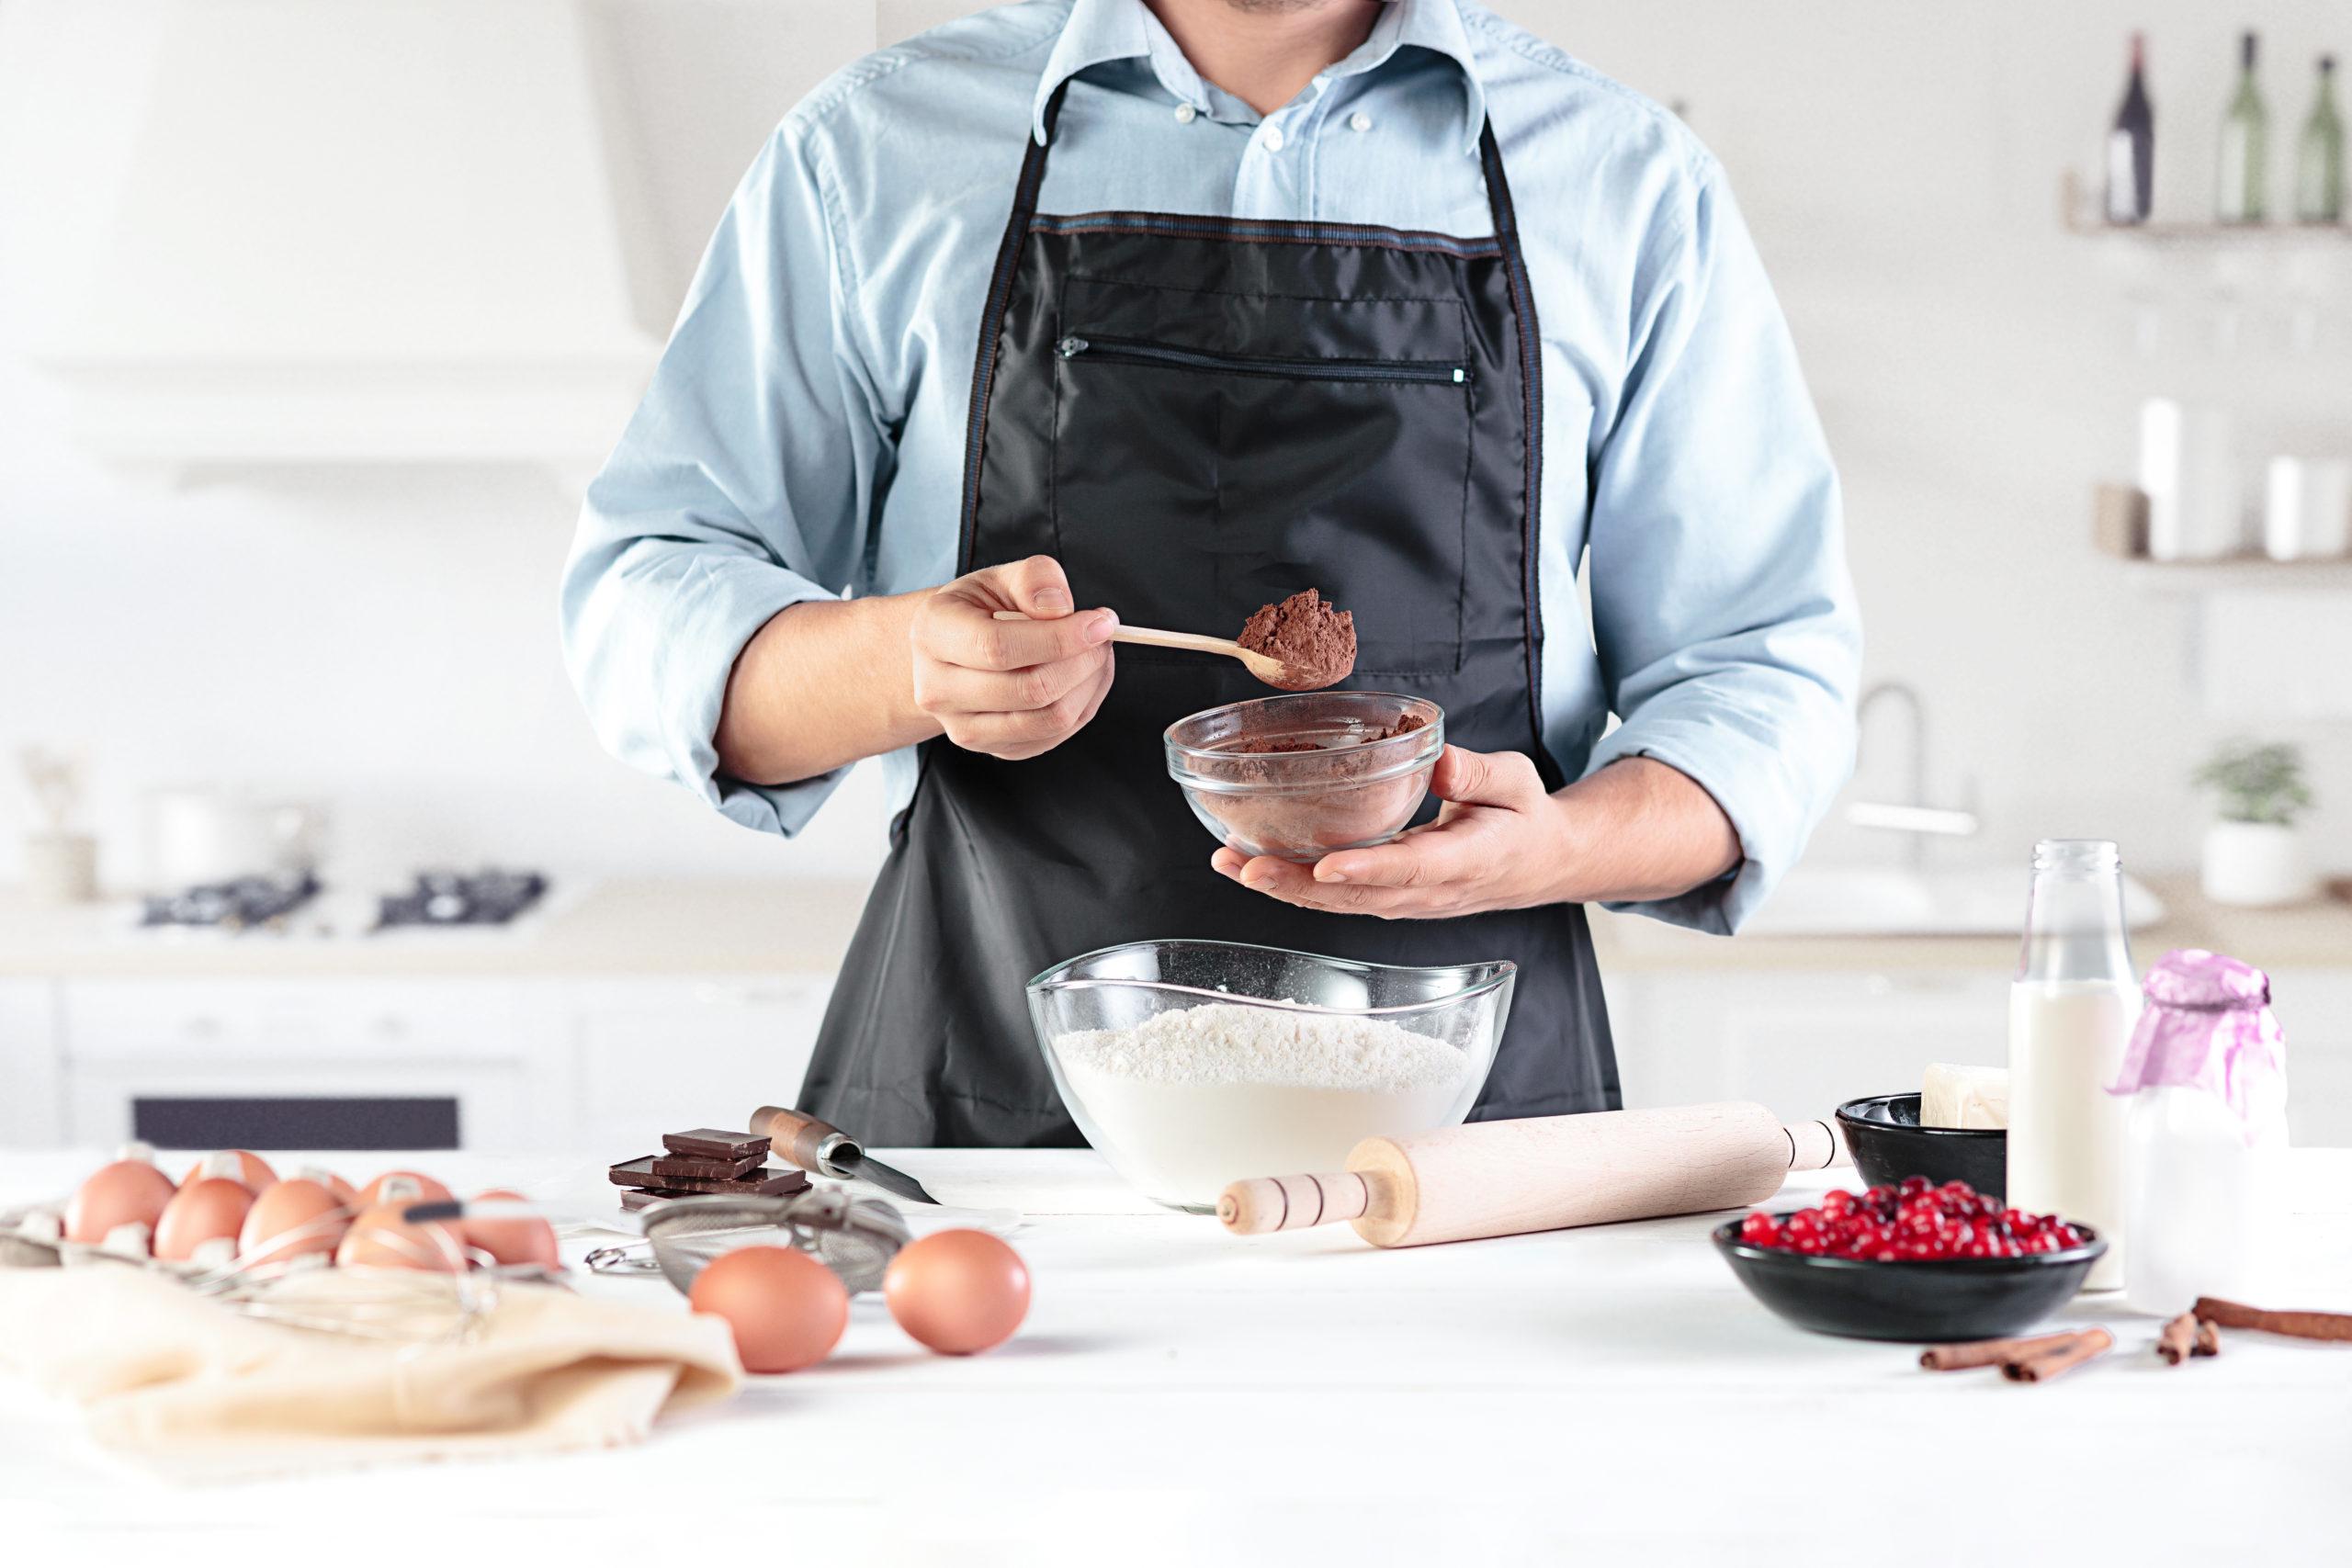 chef preparing pie scaled